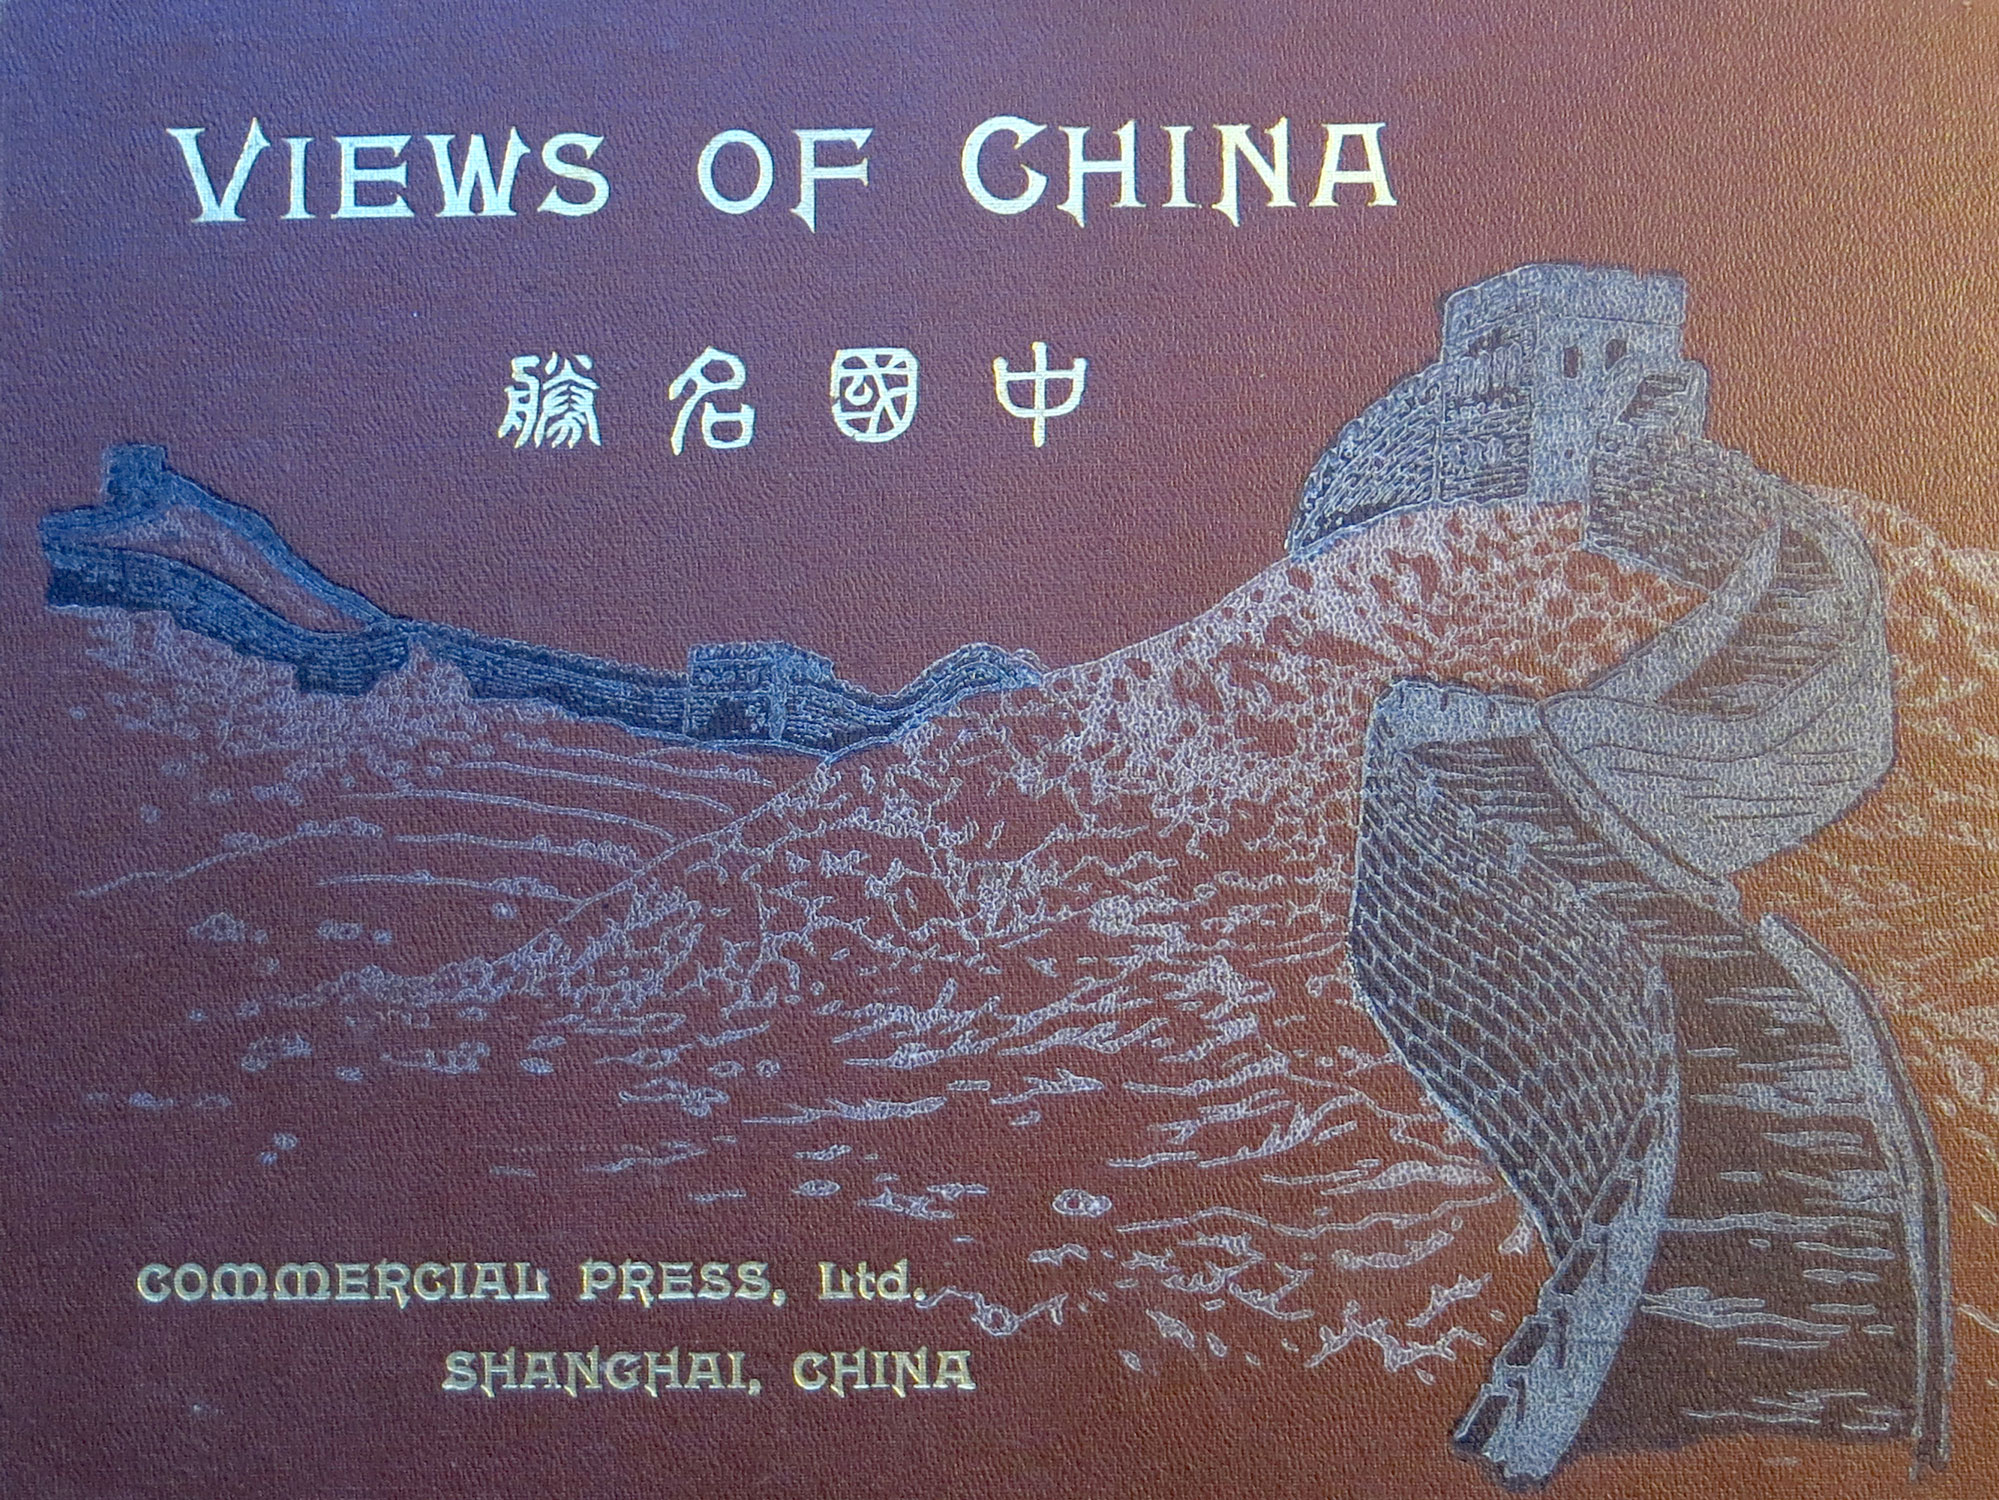 Views of China